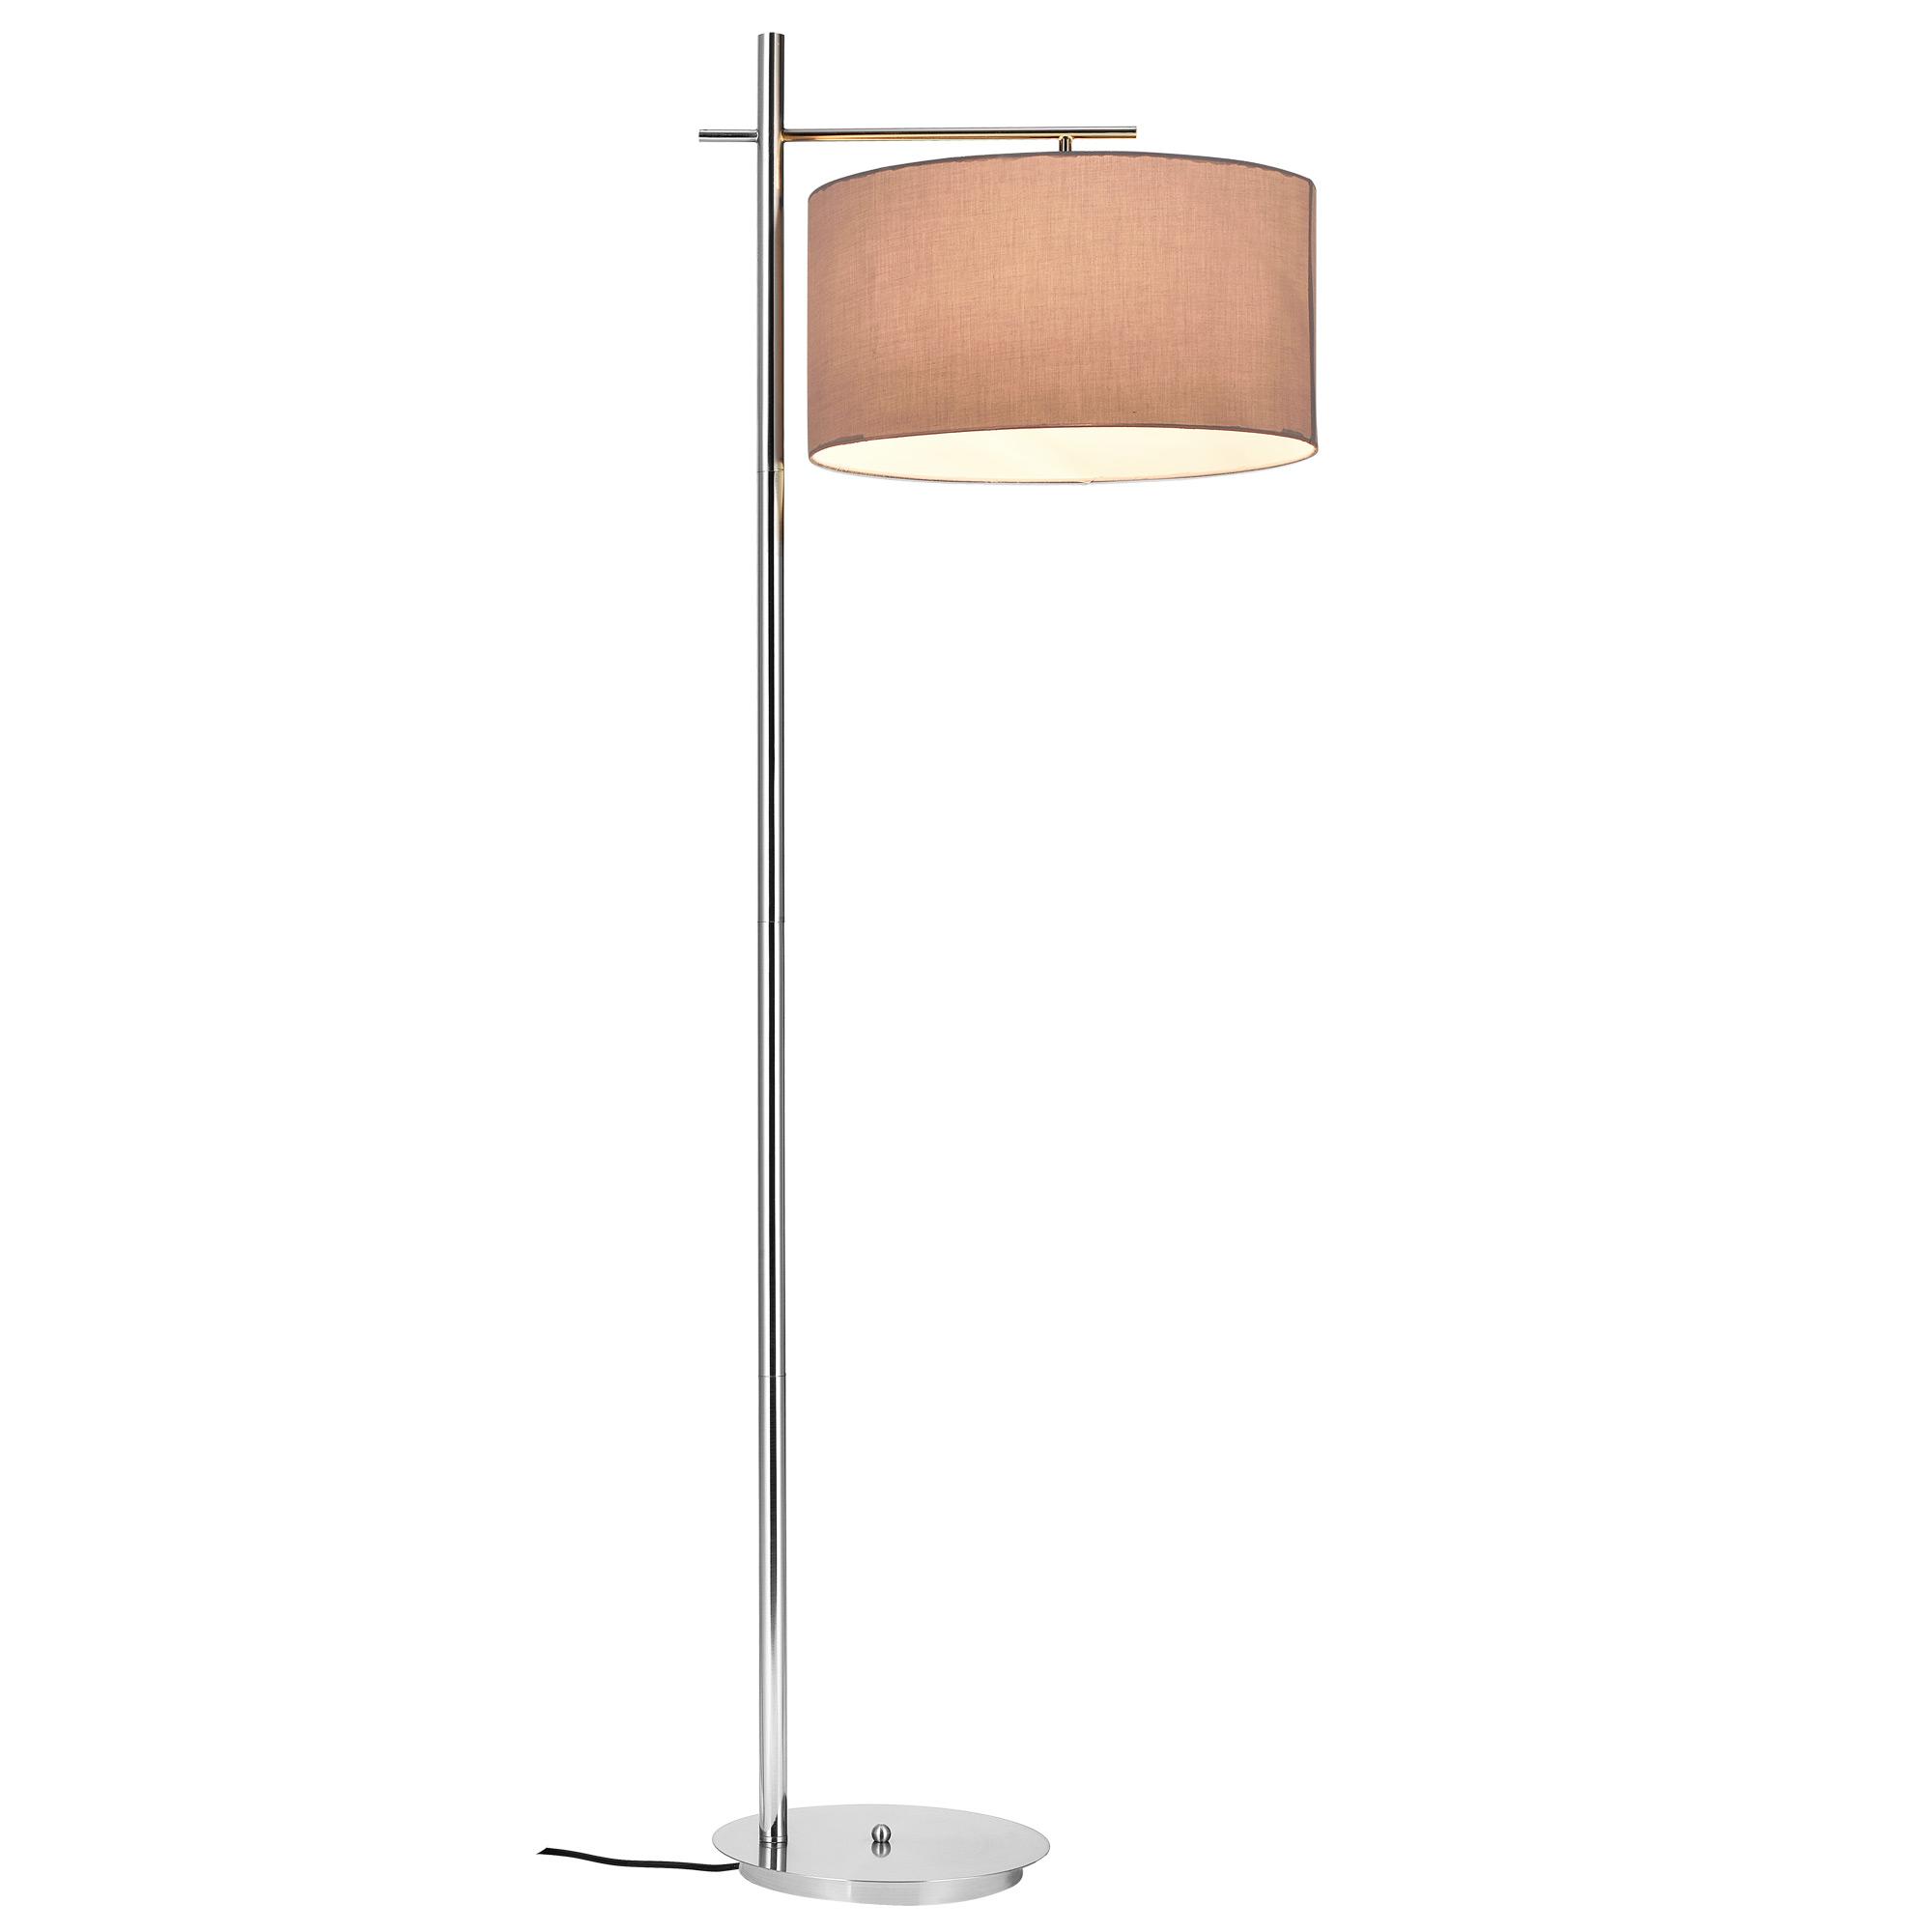 [lux.pro]® Lampa de podea eleganta – London 1 x E 27 – 60W – gri / crom